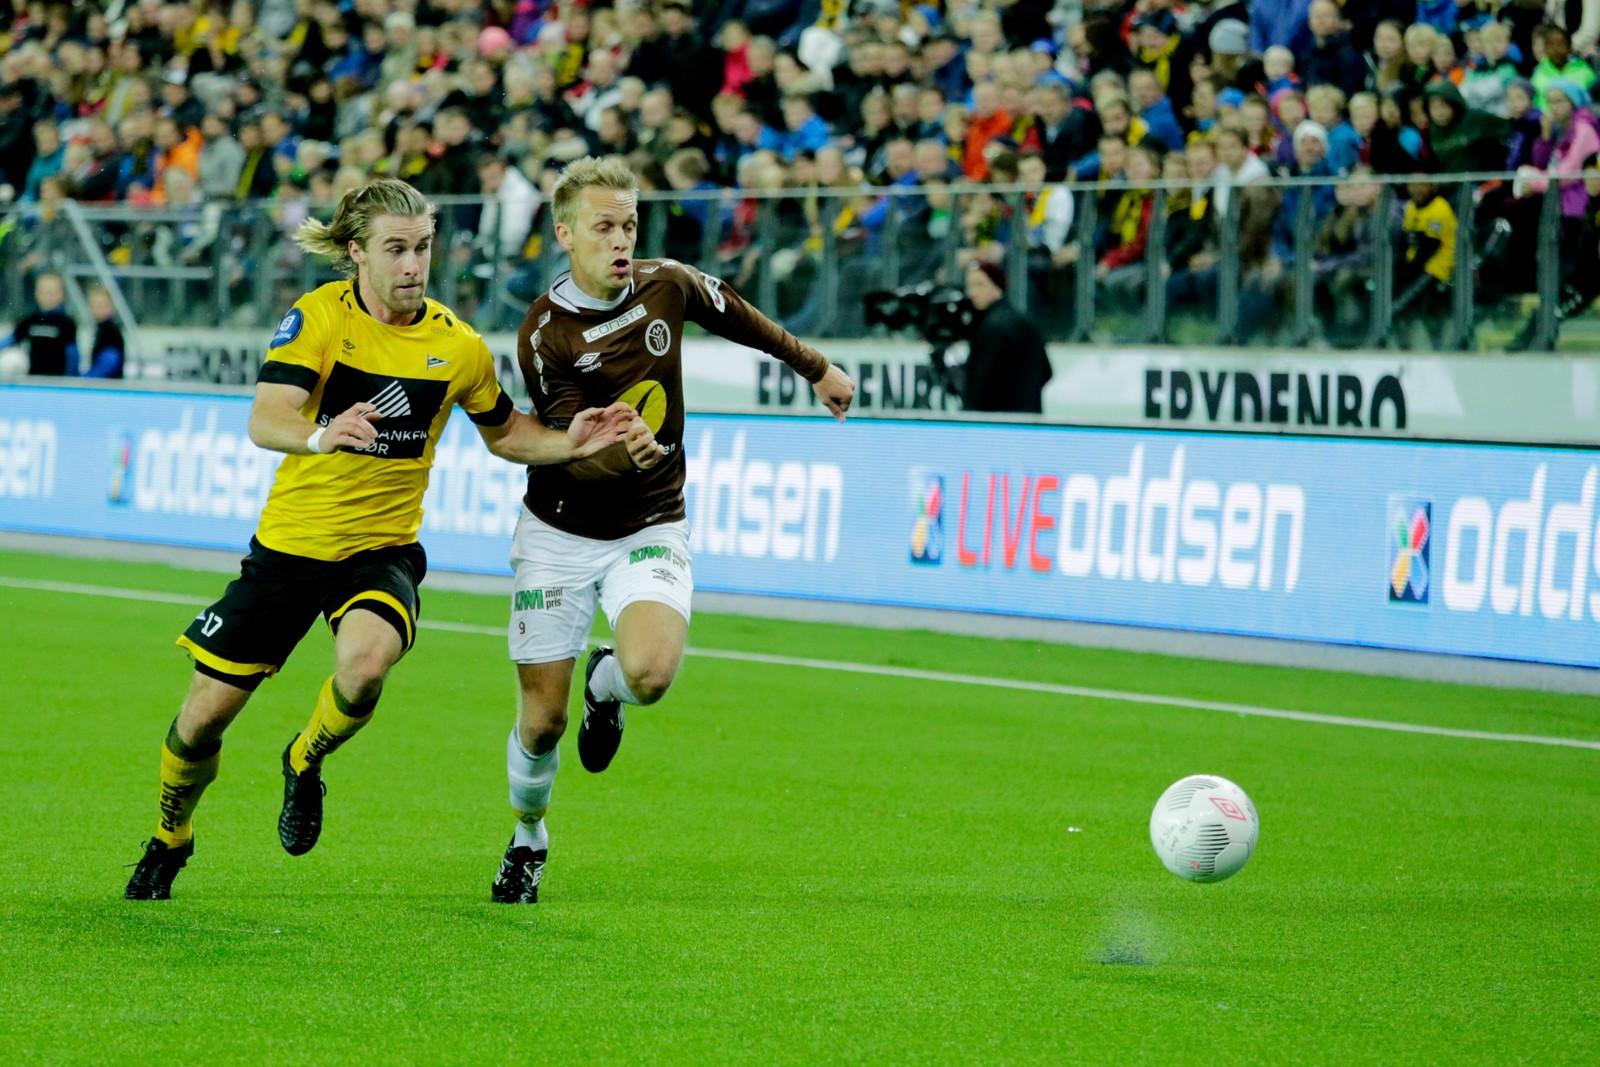 Gudmundur Kristjánsson og Mjøndalens Mads Hansen i duell.